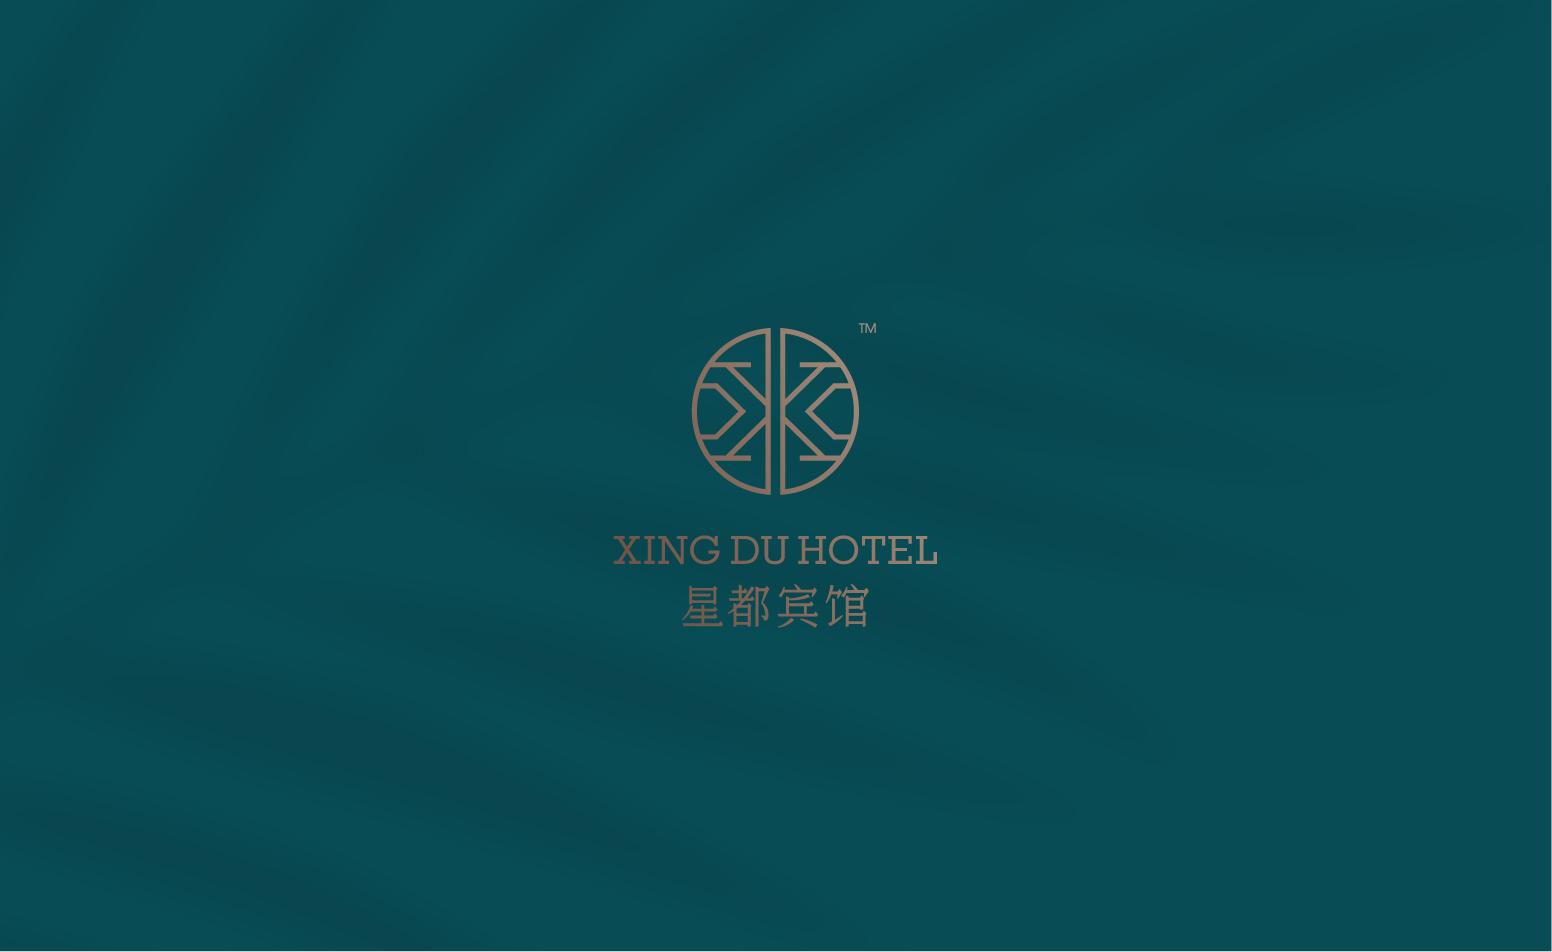 怎样做一个好的杭州LOGO设计?